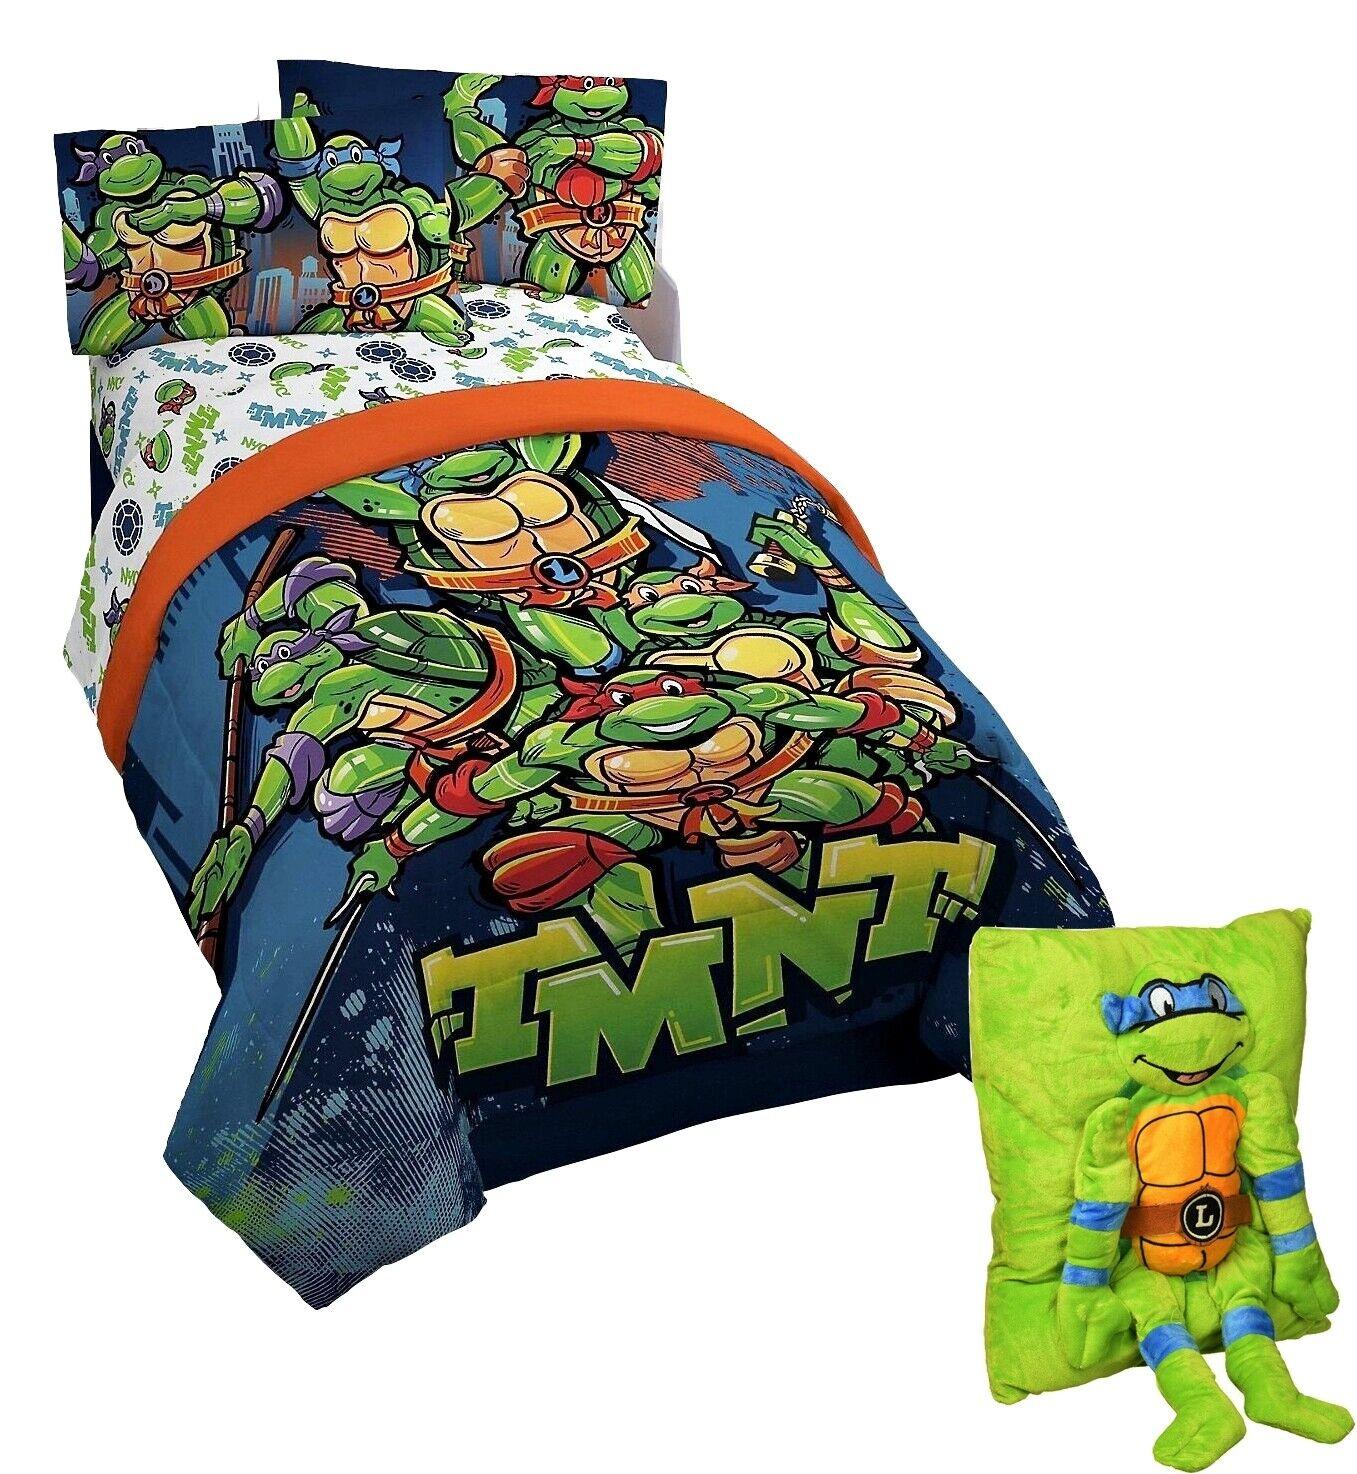 Teenage Mutant Ninja Turtles TMNT 6pc FULL Size Bedding~Comf